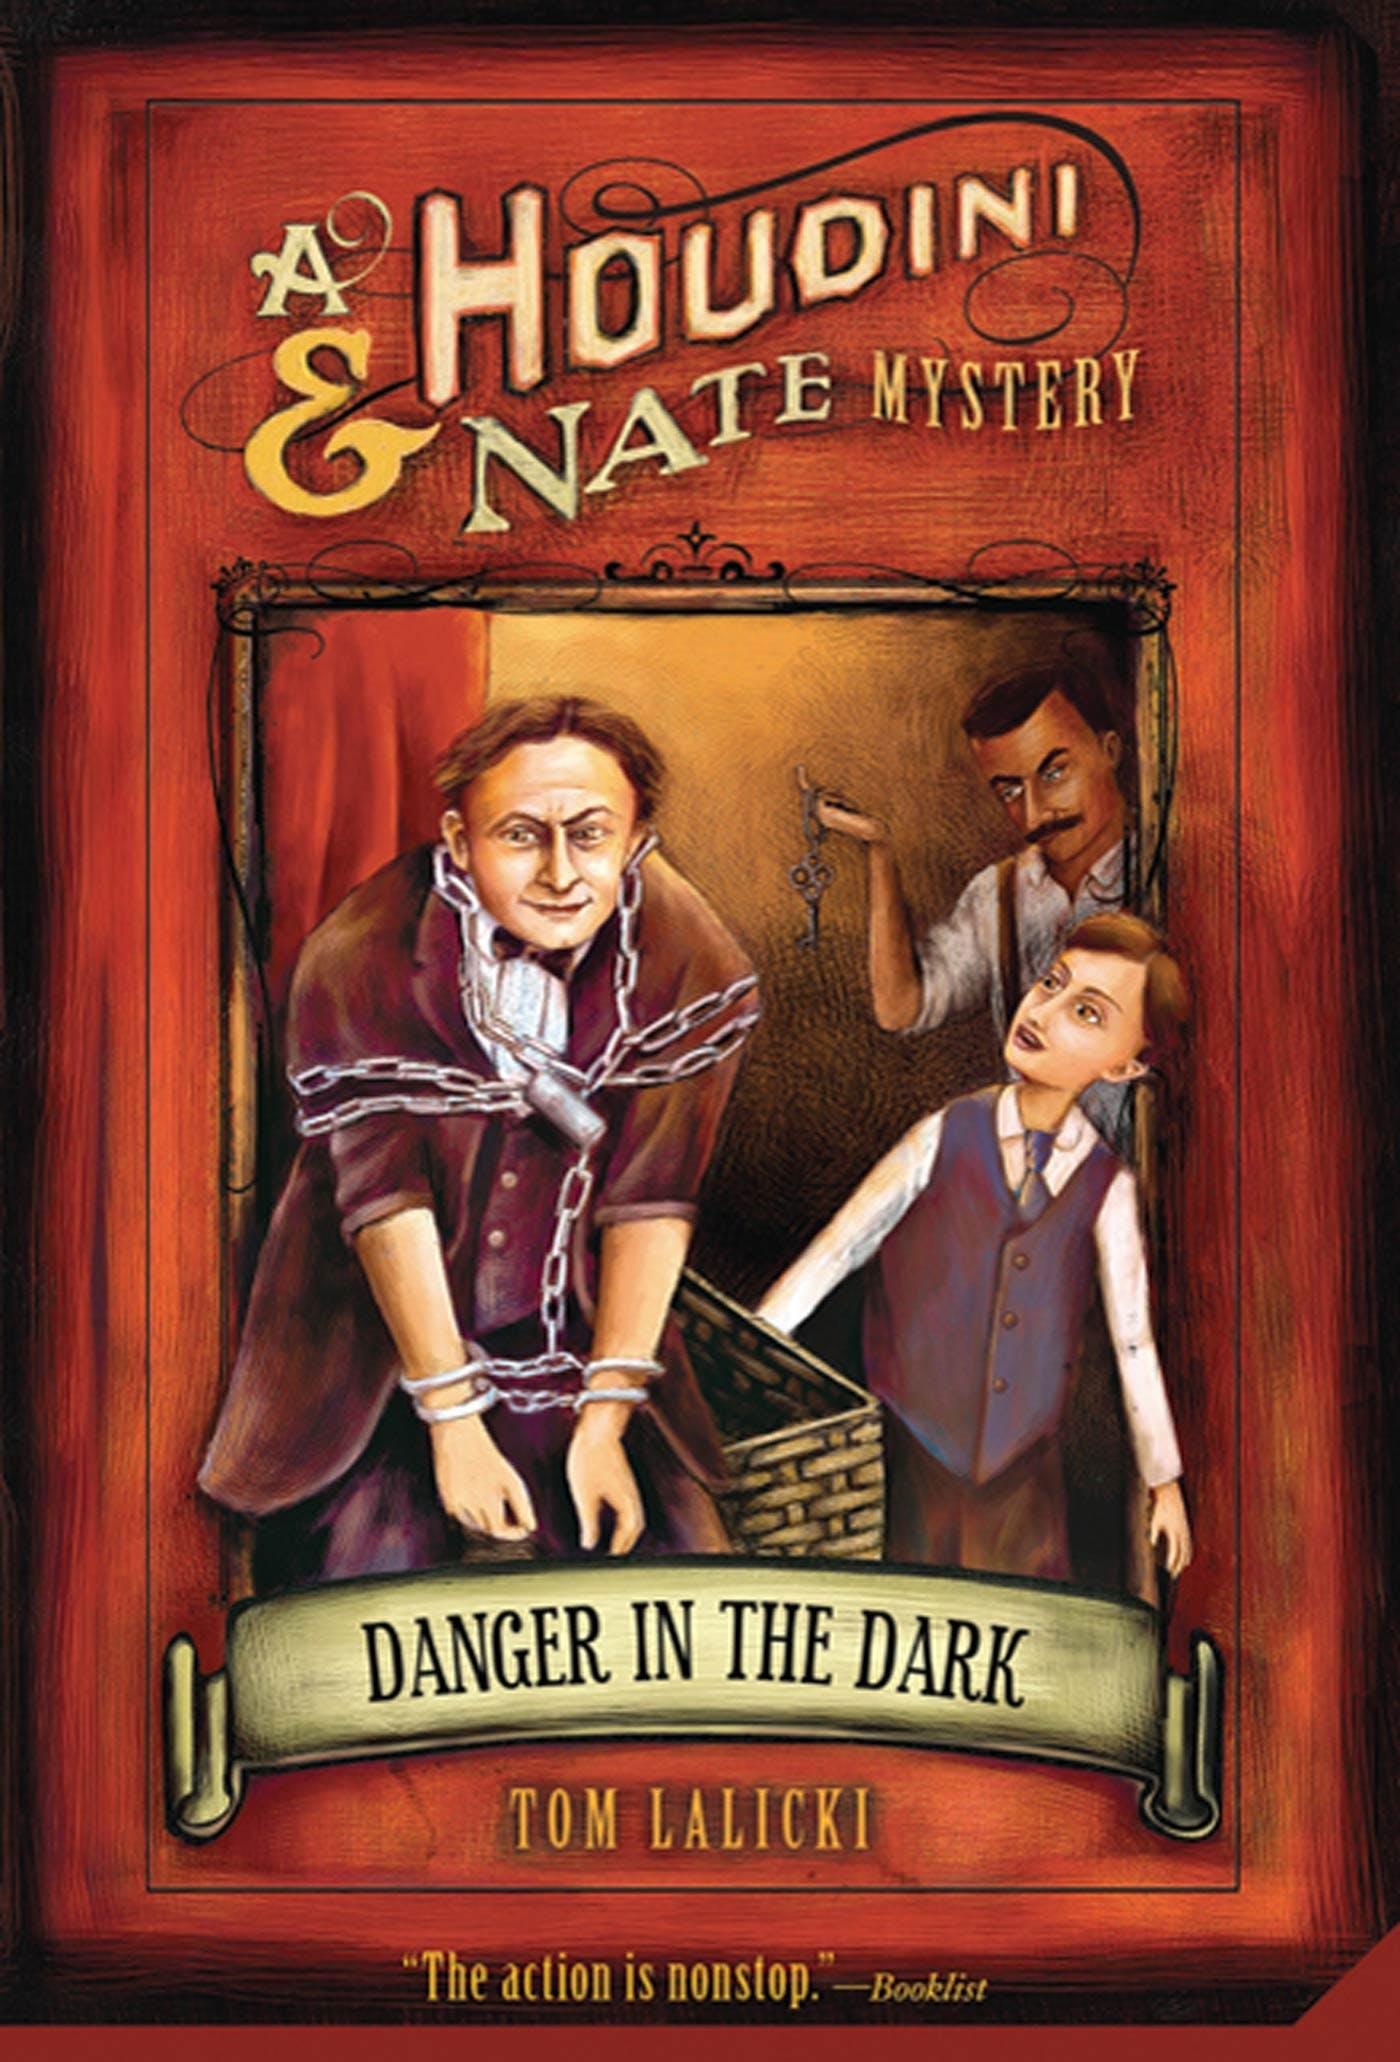 Image of Danger in the Dark